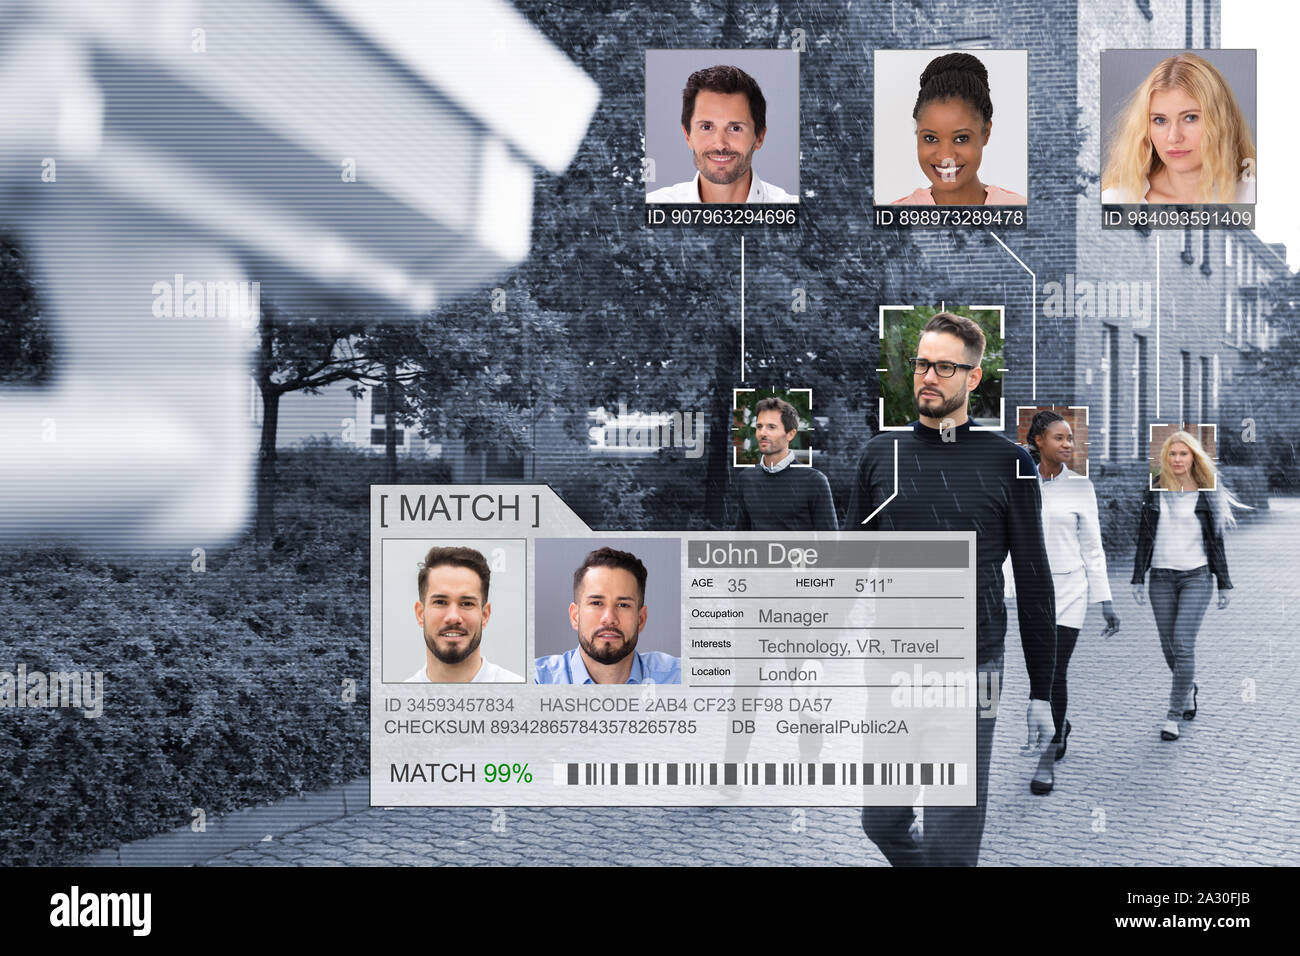 El enfoque selectivo de la gente se enfrenta con el reconocido sistema de aprendizaje intelectual Foto de stock